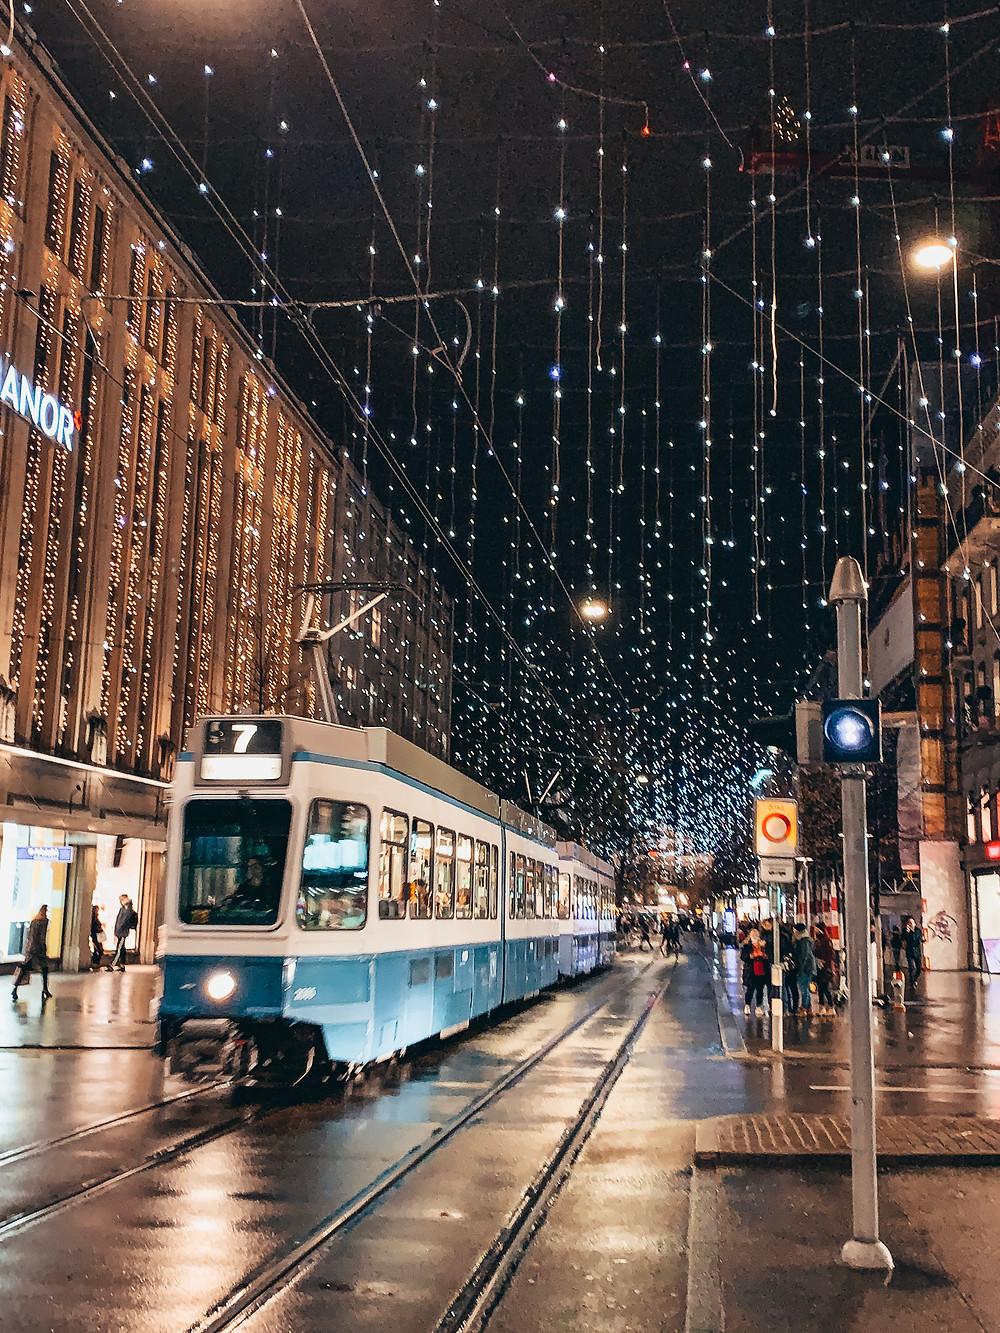 Zúrich en Navidad